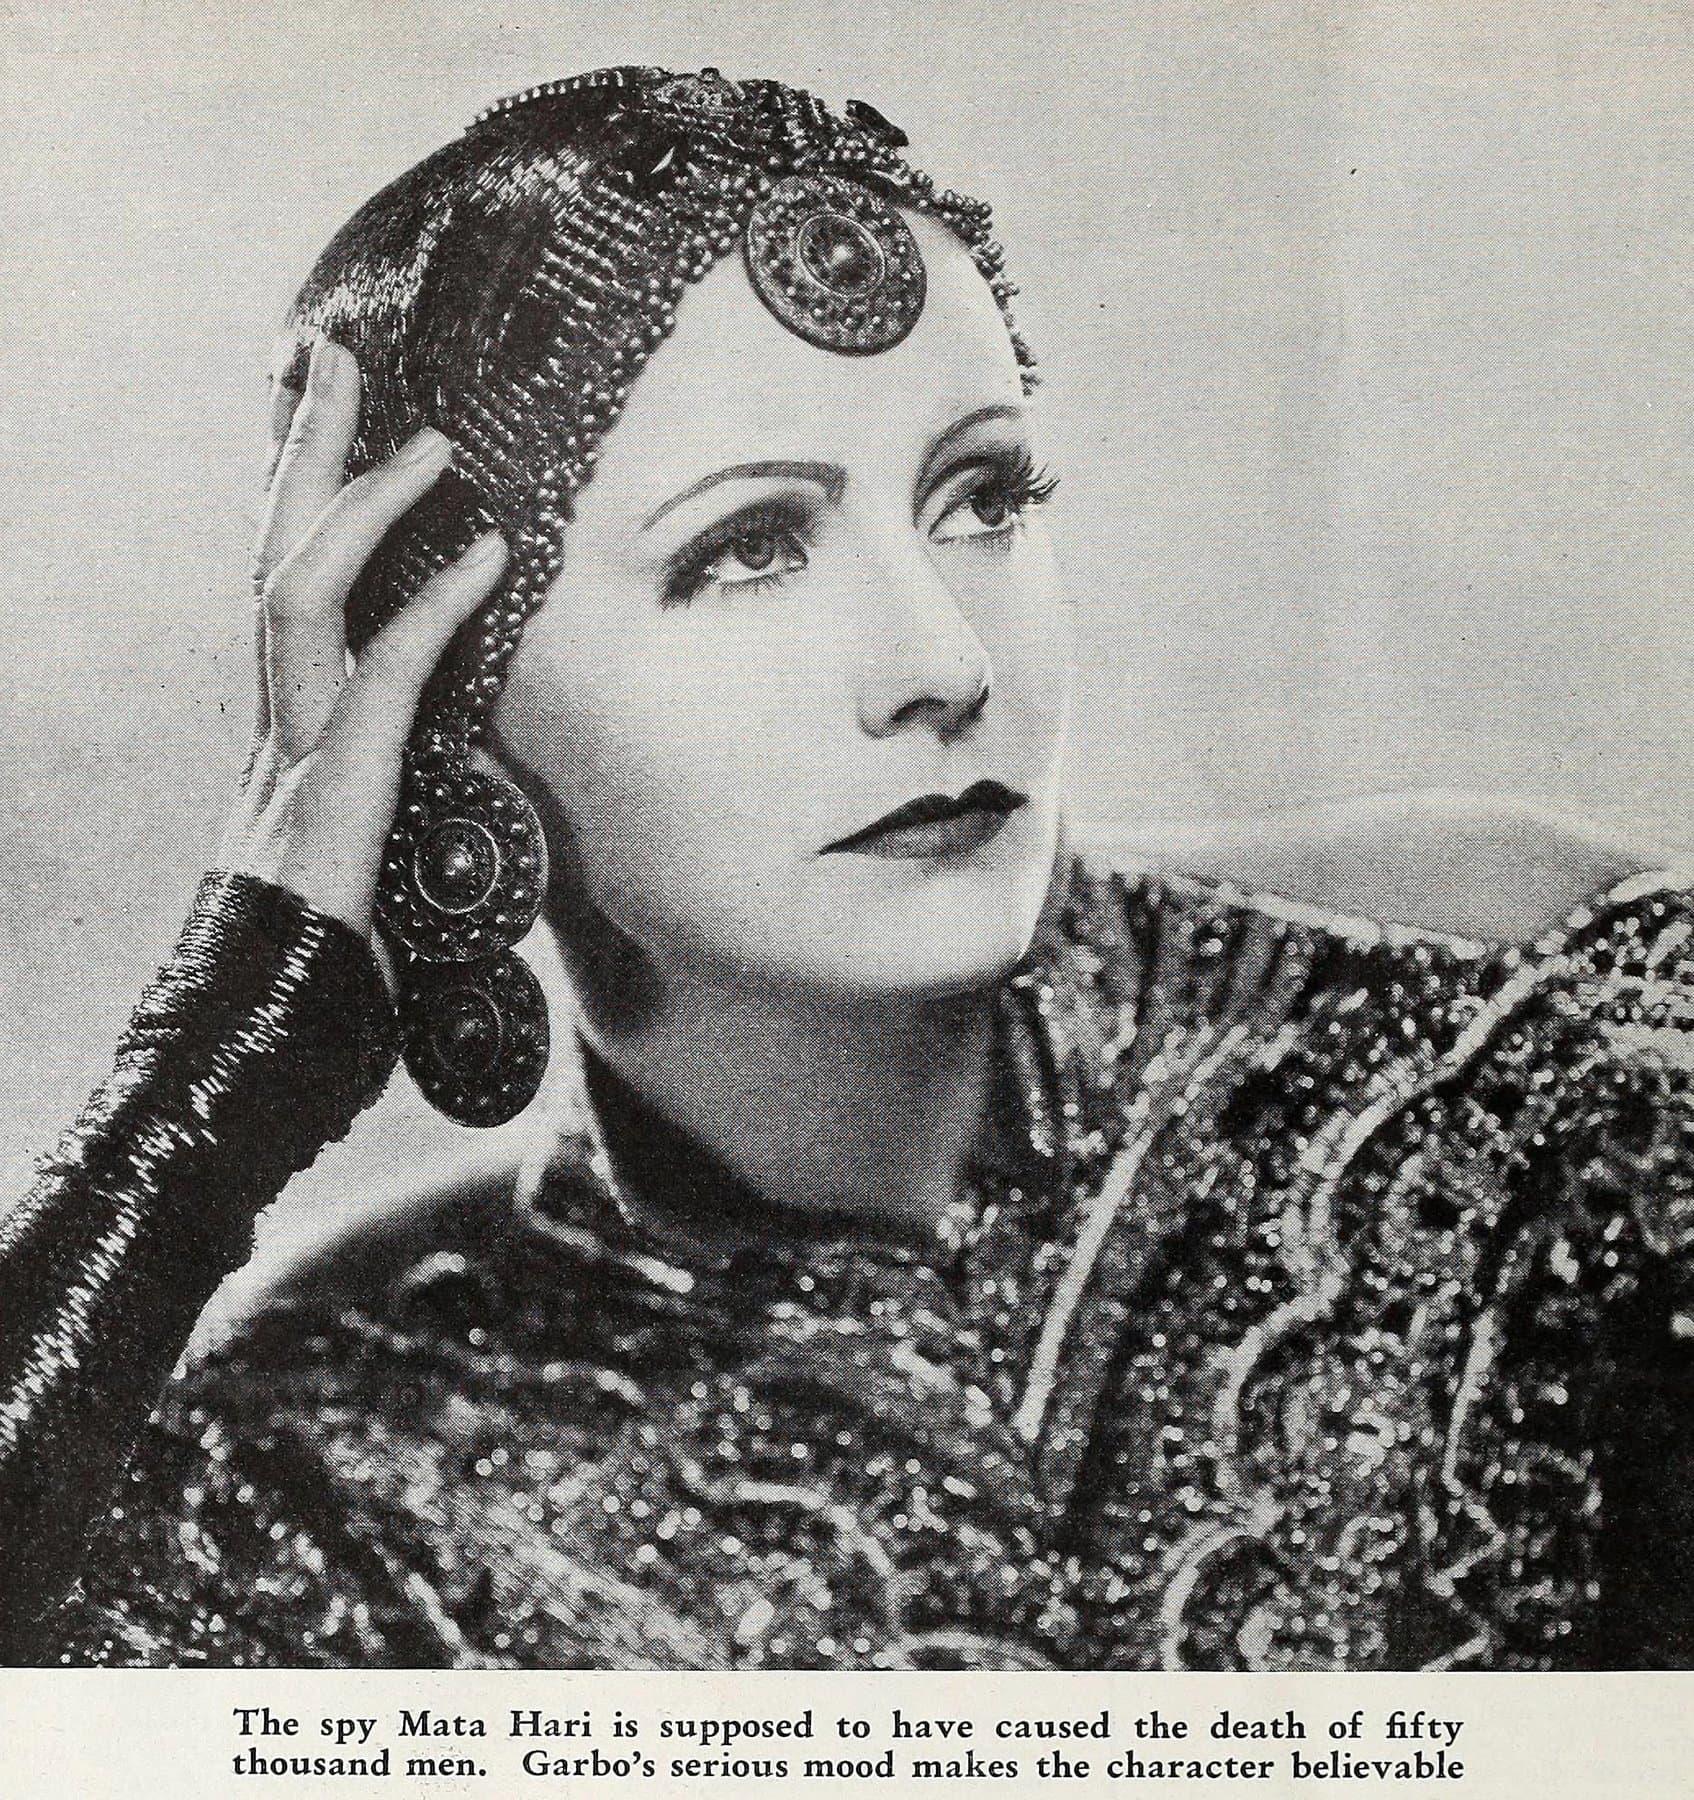 Greta Garbo in Mata Hari costume (1932)